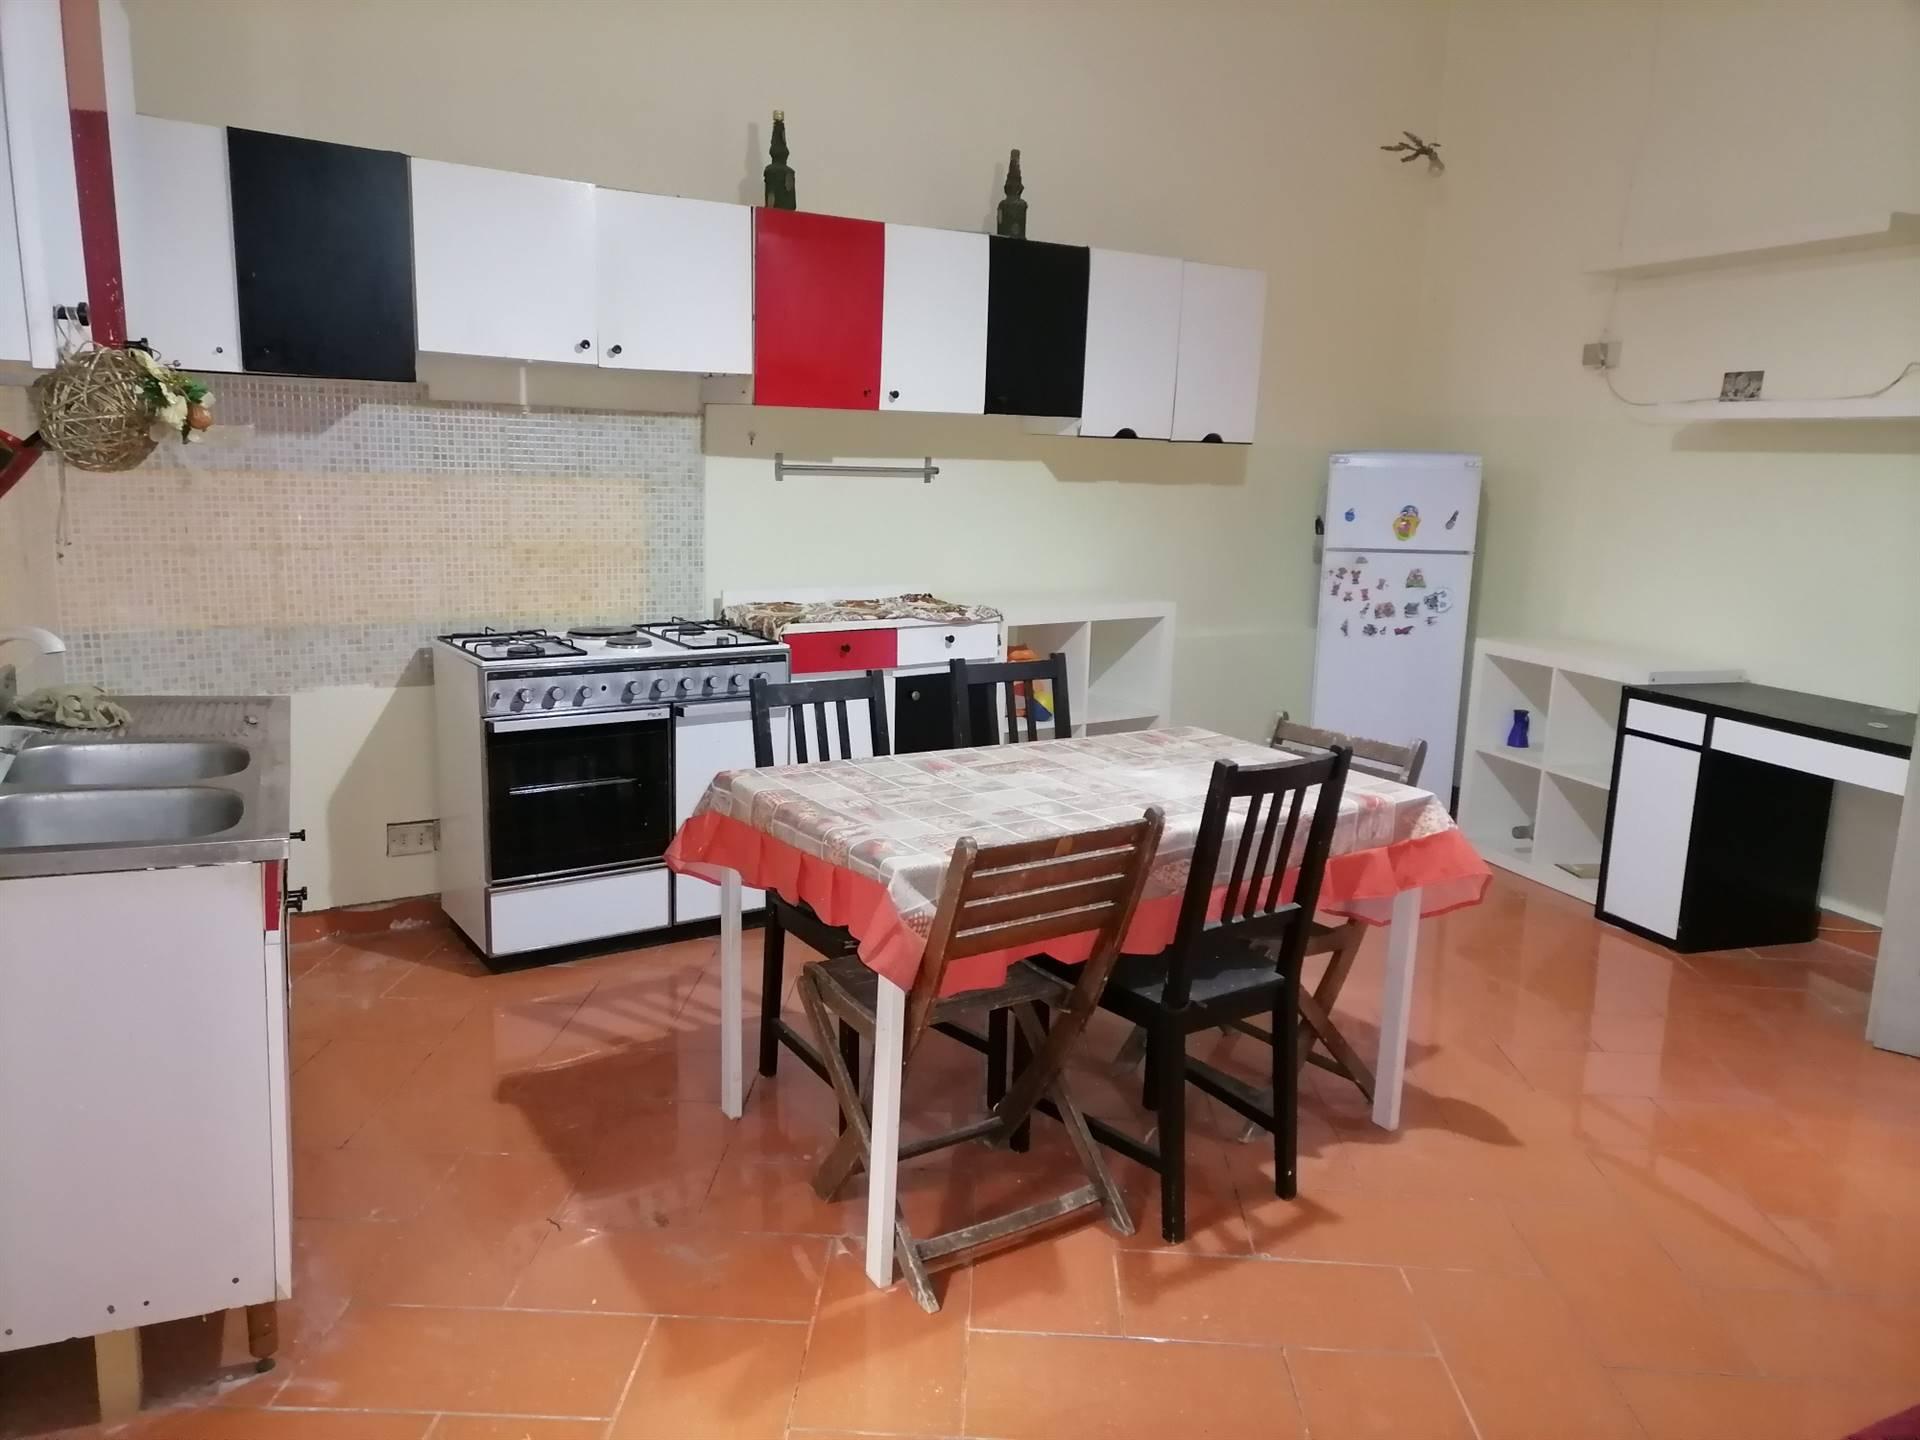 Soluzione Indipendente in affitto a Casamarciano, 2 locali, prezzo € 250 | CambioCasa.it